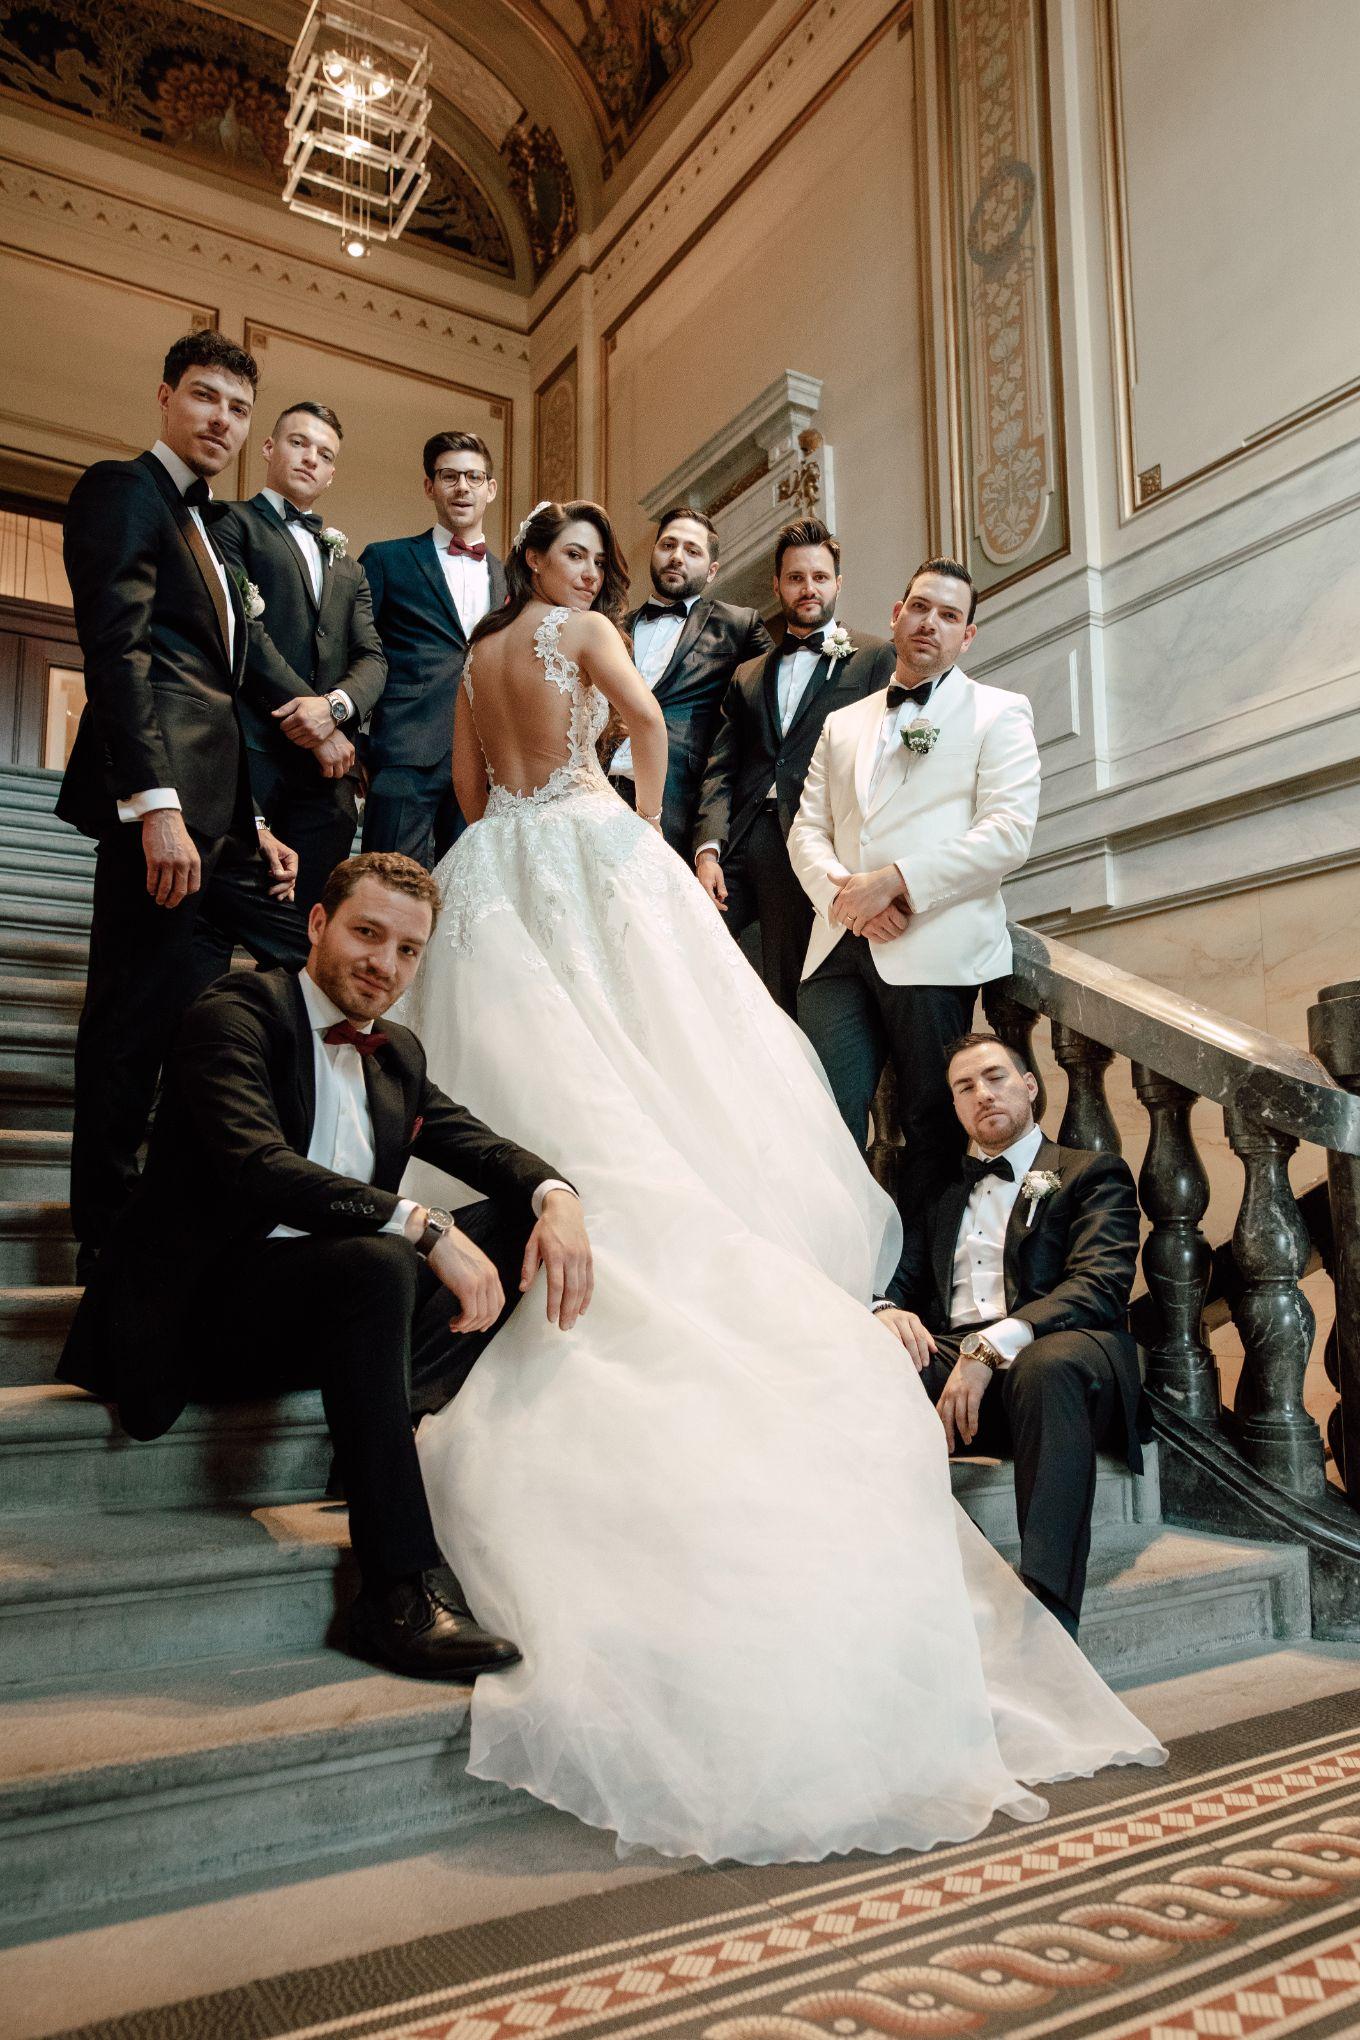 Hochzeit-Historische-Stadthalle-Wuppertal-The-Saums-KN-42.jpg